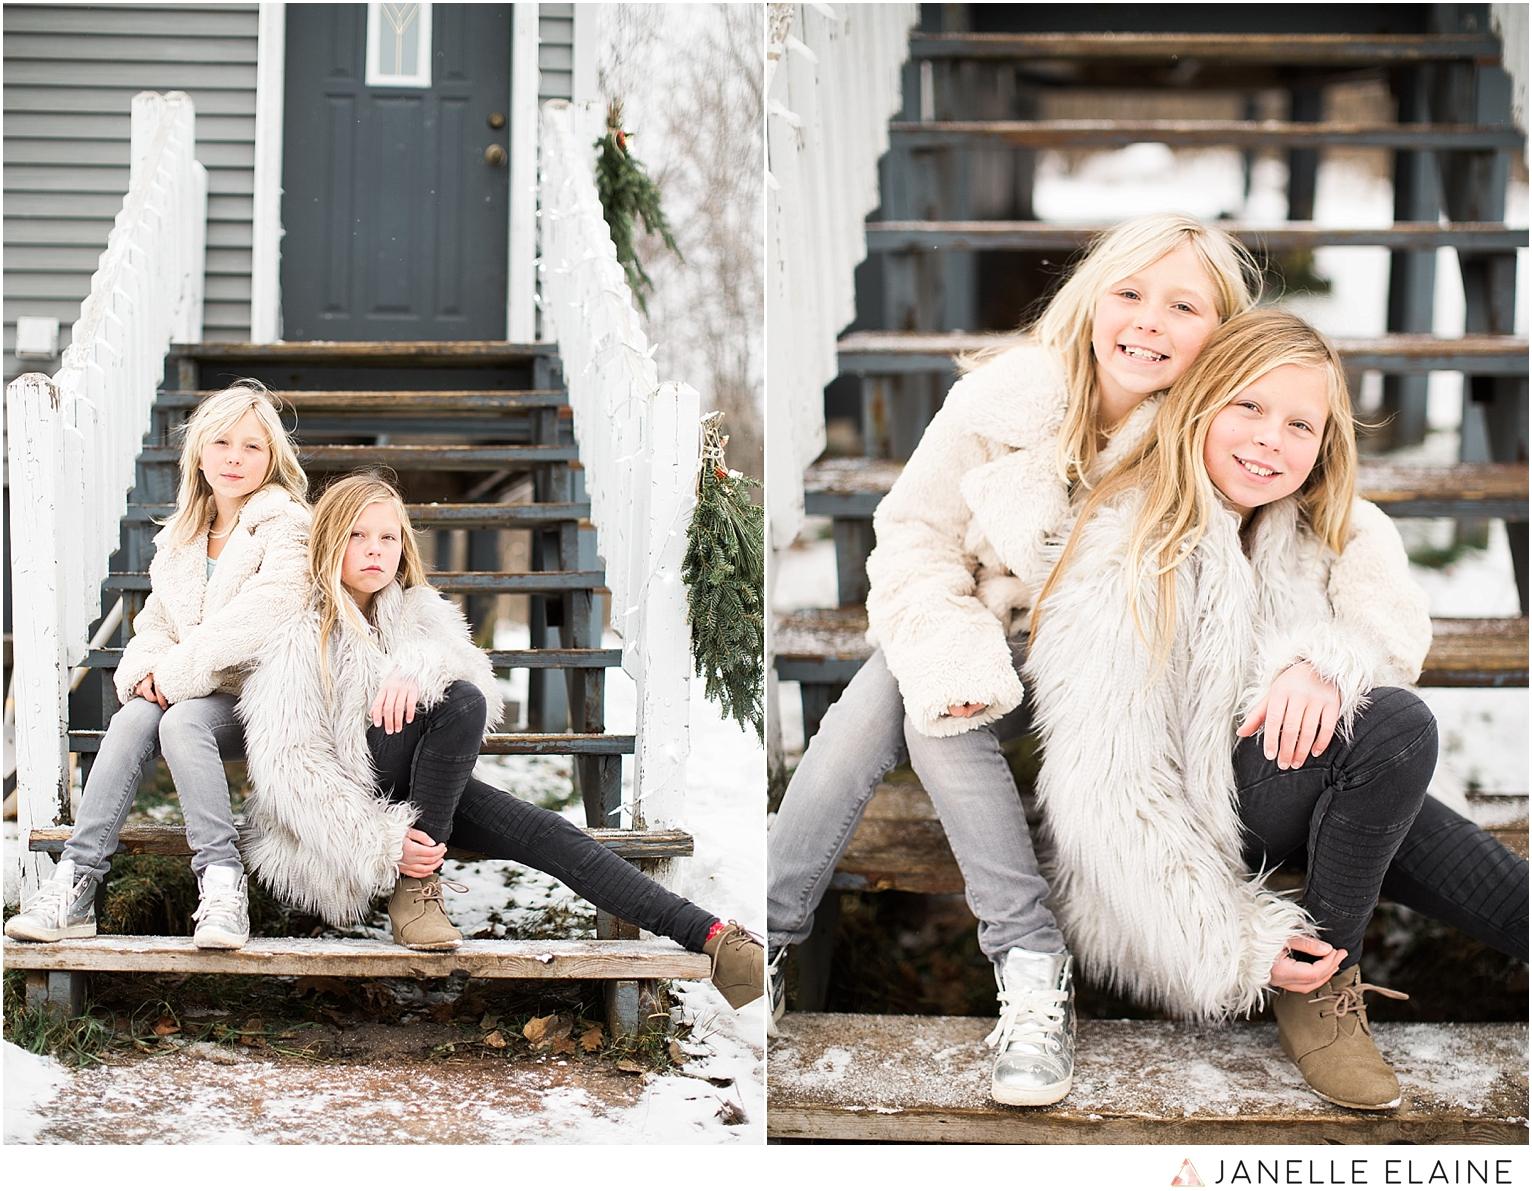 seattle-washington lifestyle photographer-janelle elaine-callie and char-46.jpg